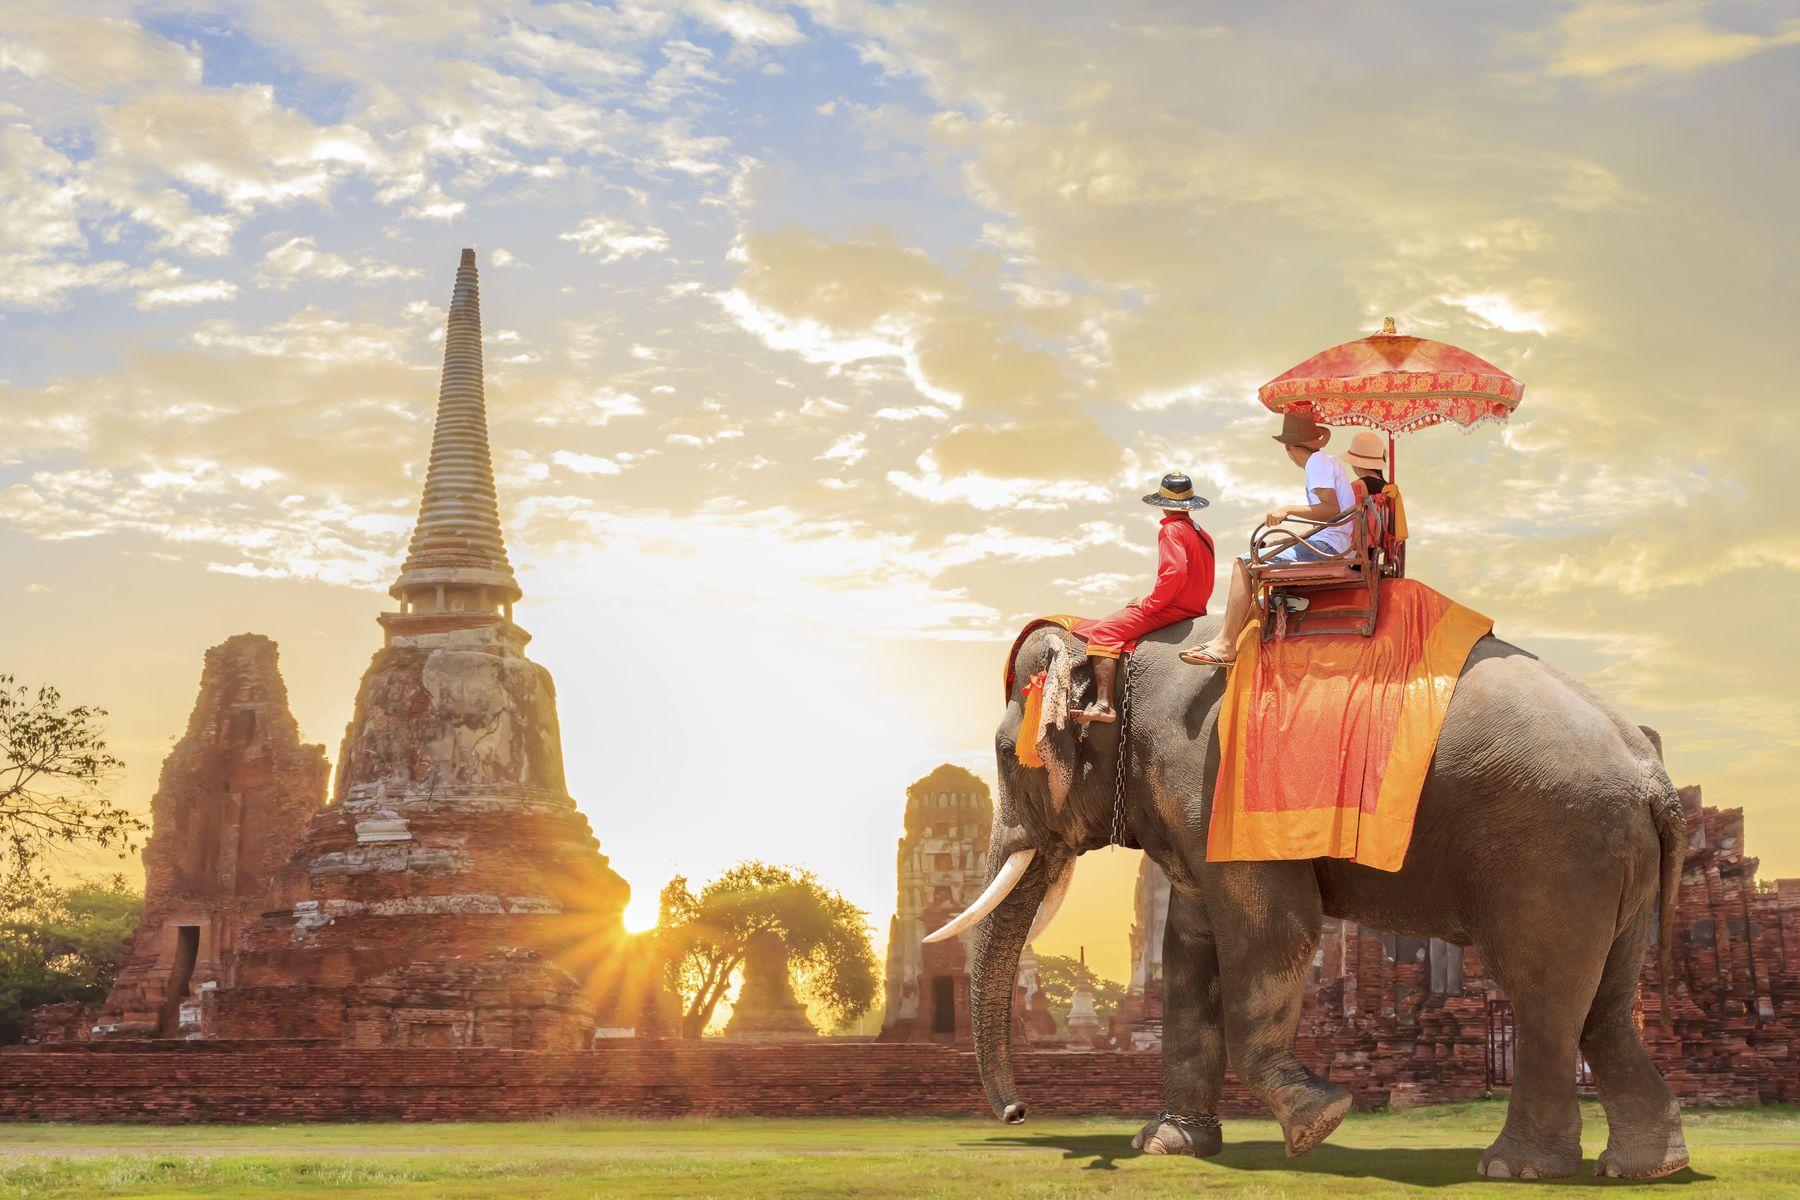 Turistas en un paseo por elefante en la ciudad antigua con el amanecer de fondo, Camboya